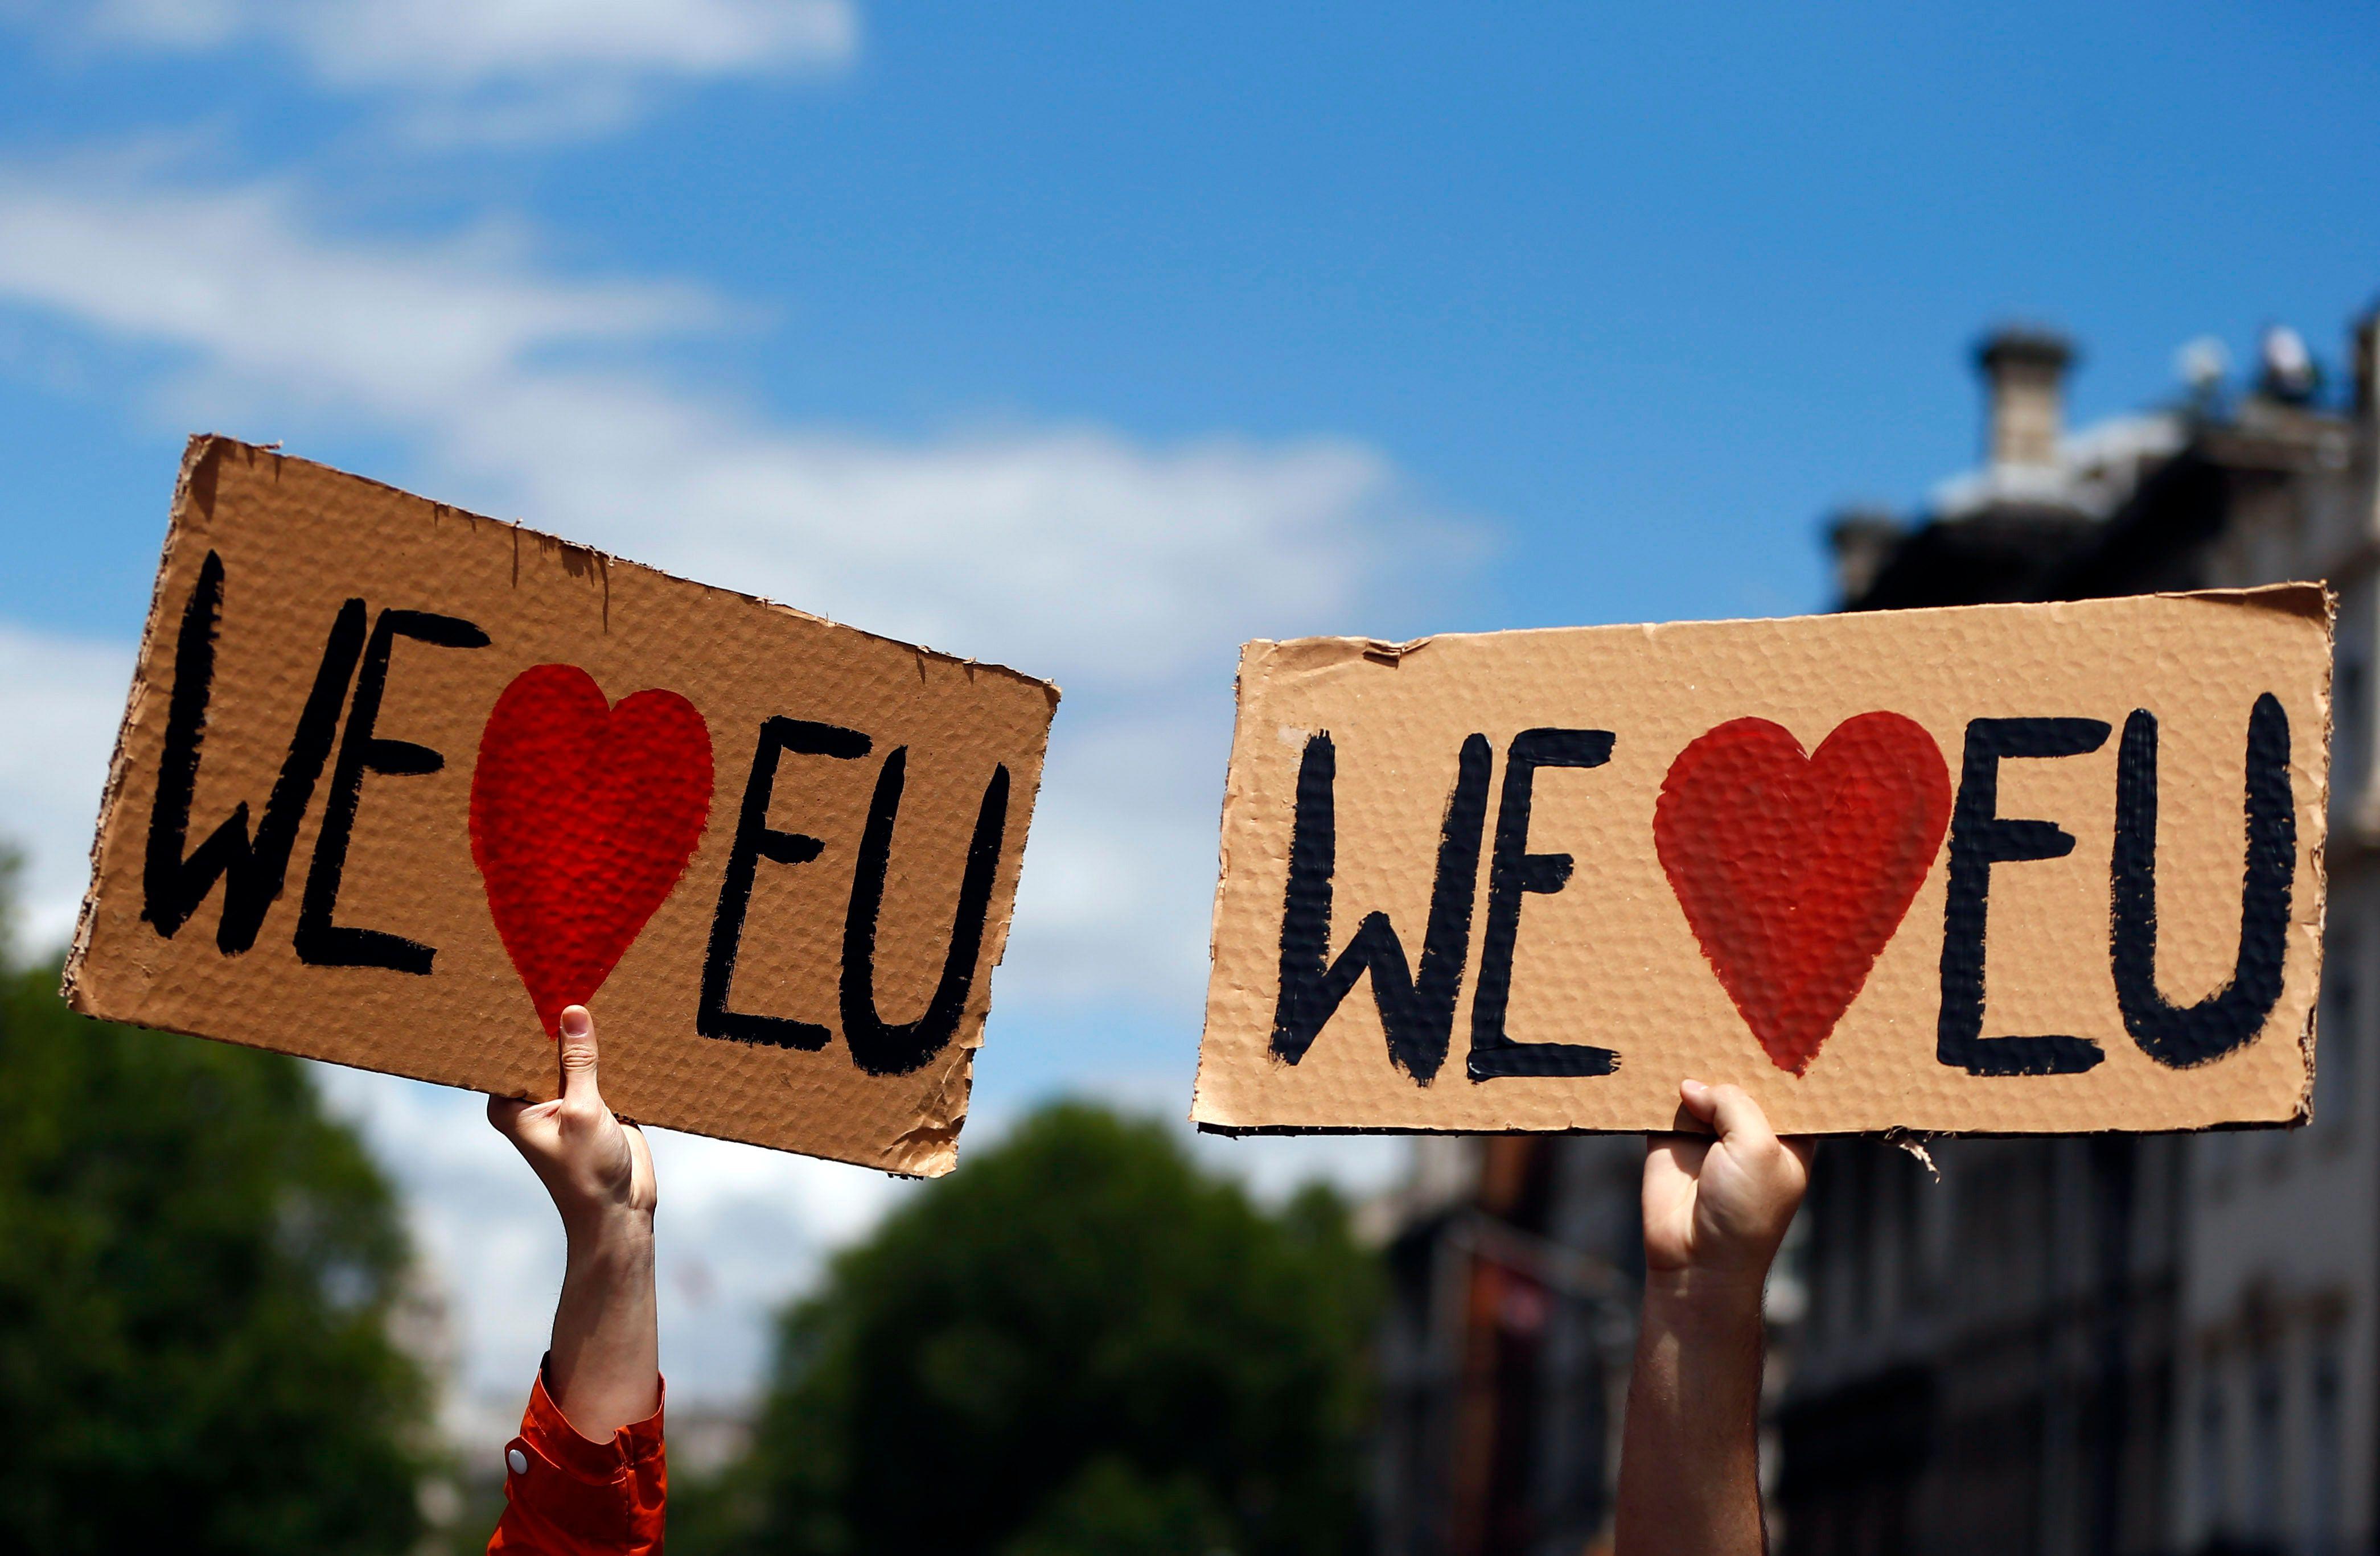 Frexit : ce que l'histoire du Non de 2005 ou du Oui à Maastricht nous apprend sur l'issue probable d'un référendum sur une sortie de la France de l'Europe